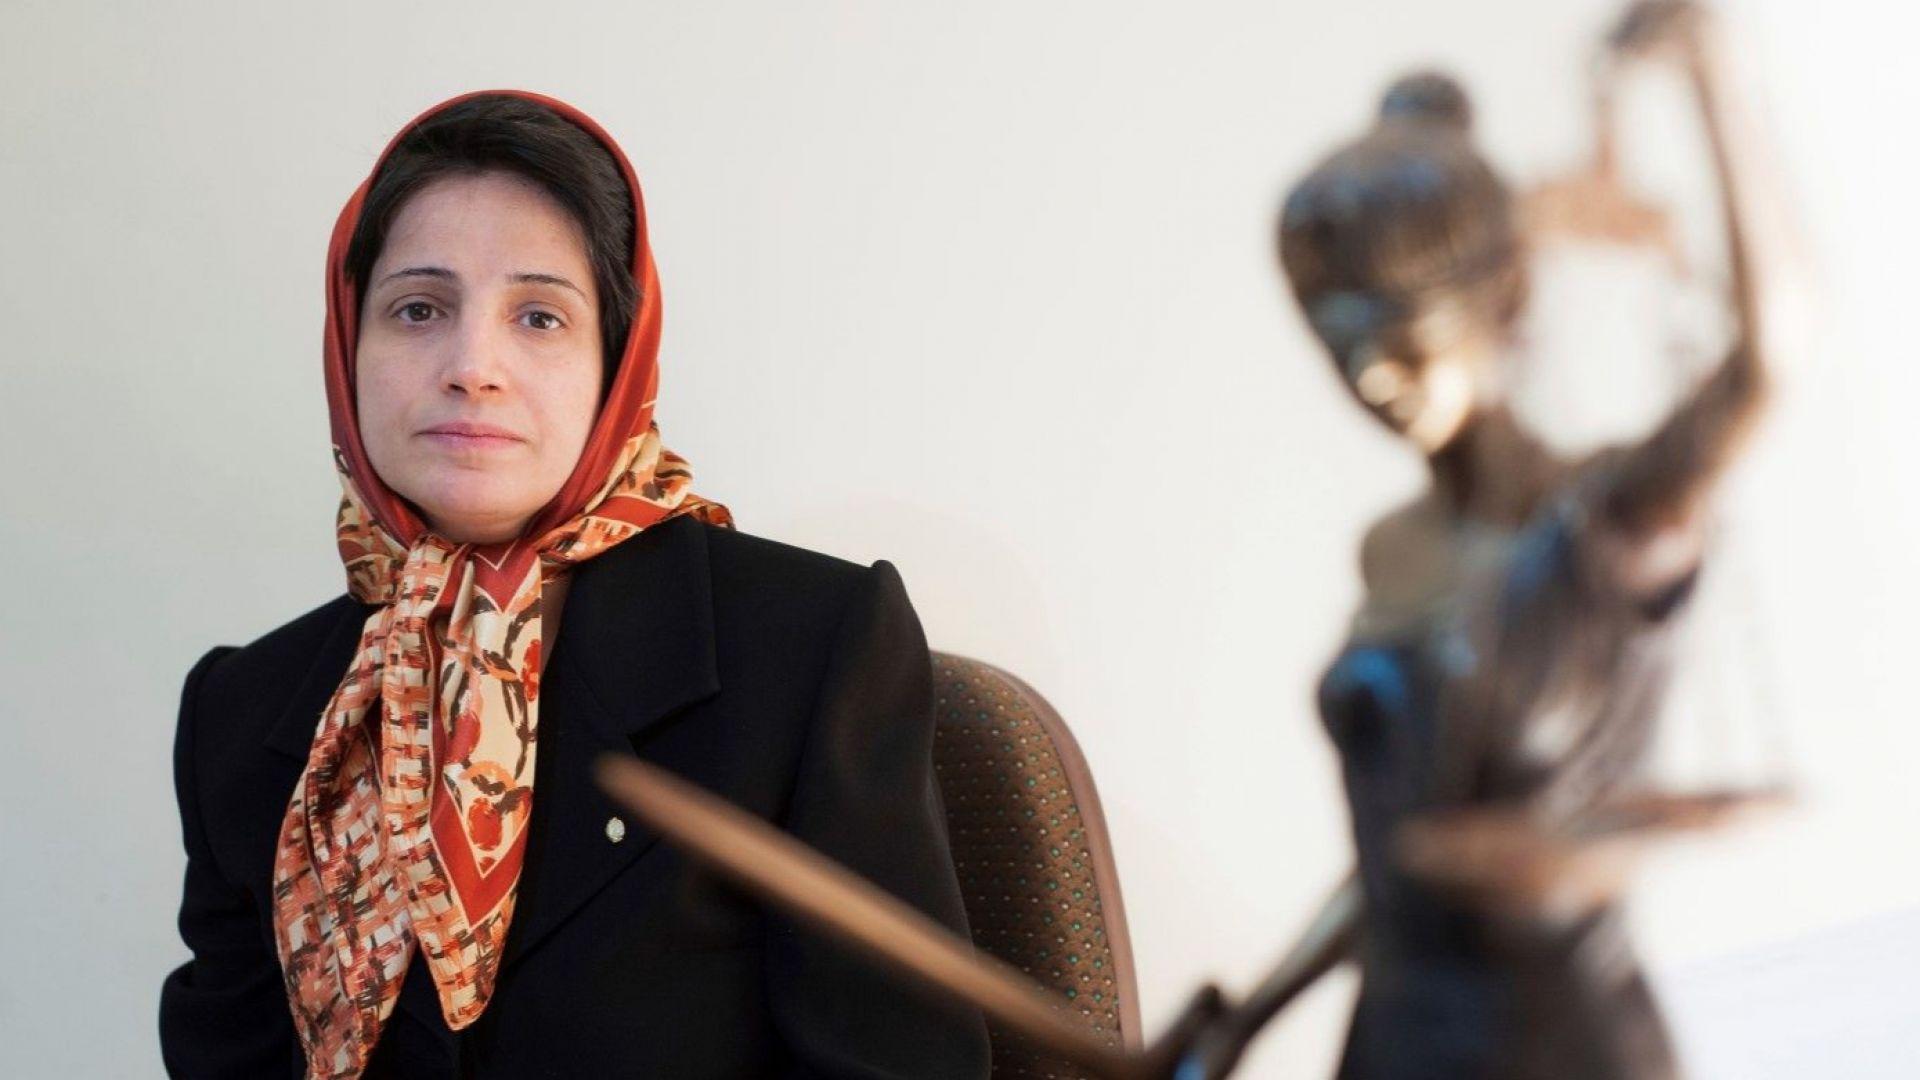 Иранска адвокатка бе осъдена на 38 г. затвор и 148 удара с камшик